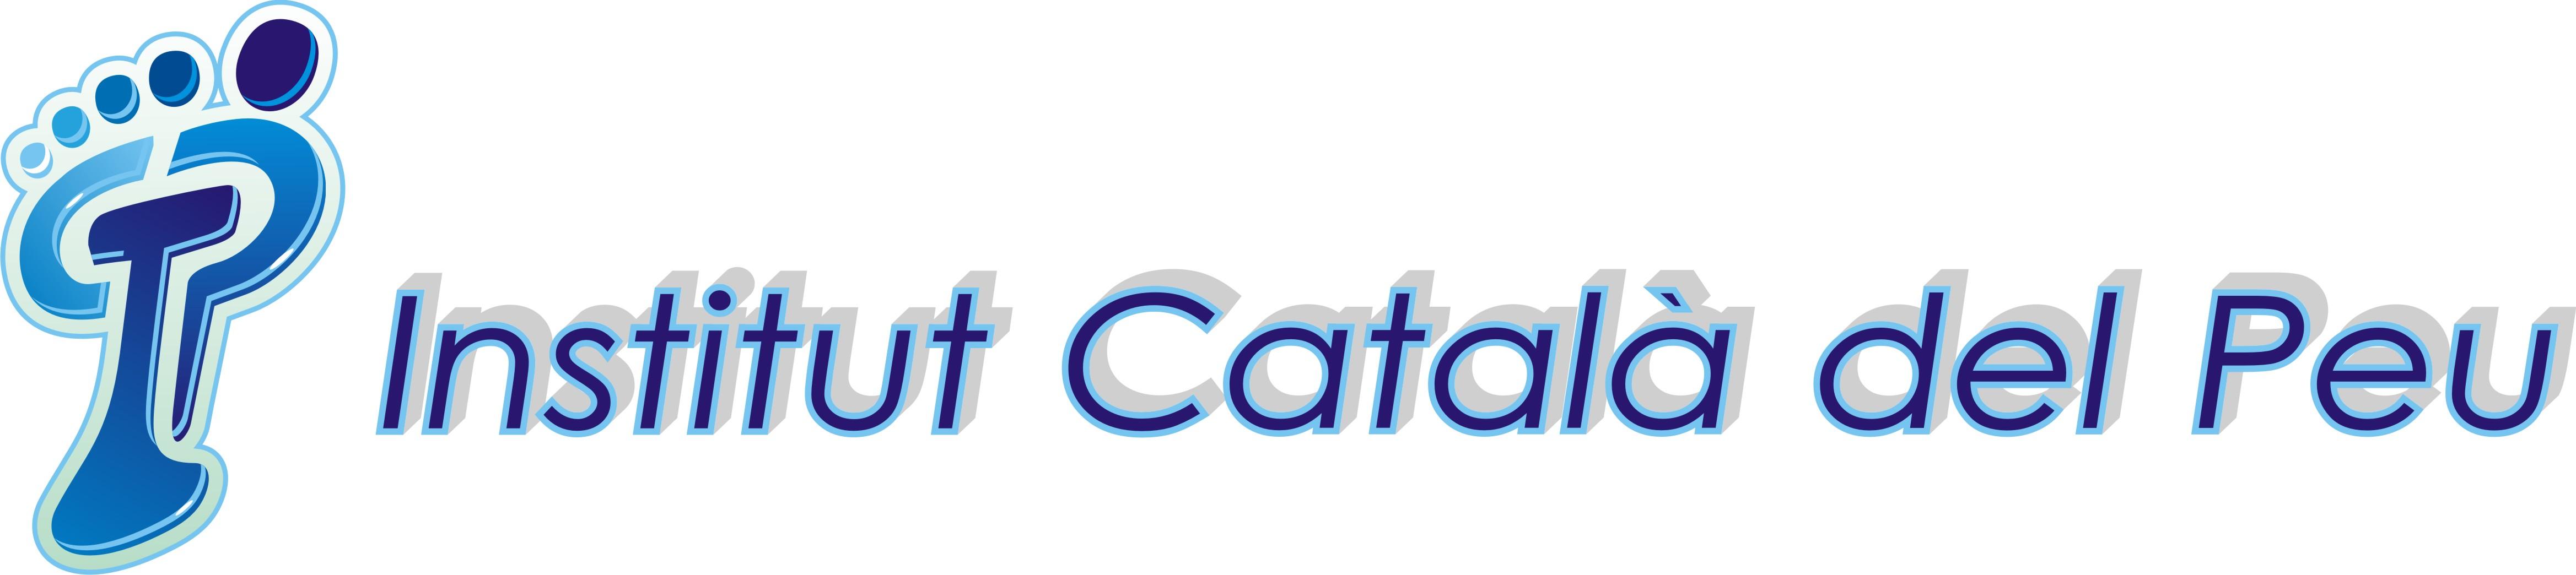 El Institut Català del Peu realiza un convenio con la sección de fútbol del club Junior Sant Cugat